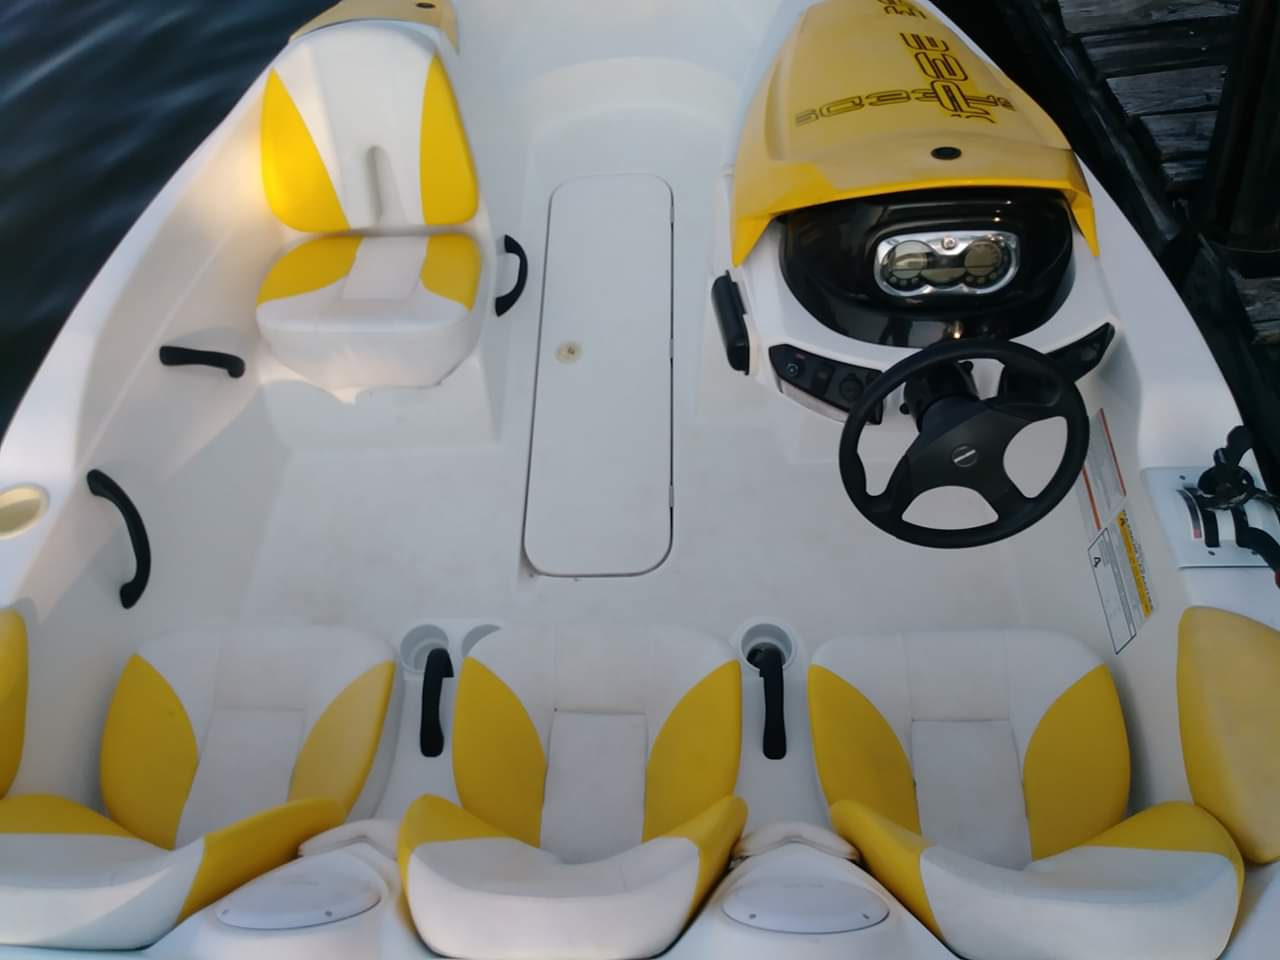 Sea-doo Speedster 150 boats for sale - Boat Trader